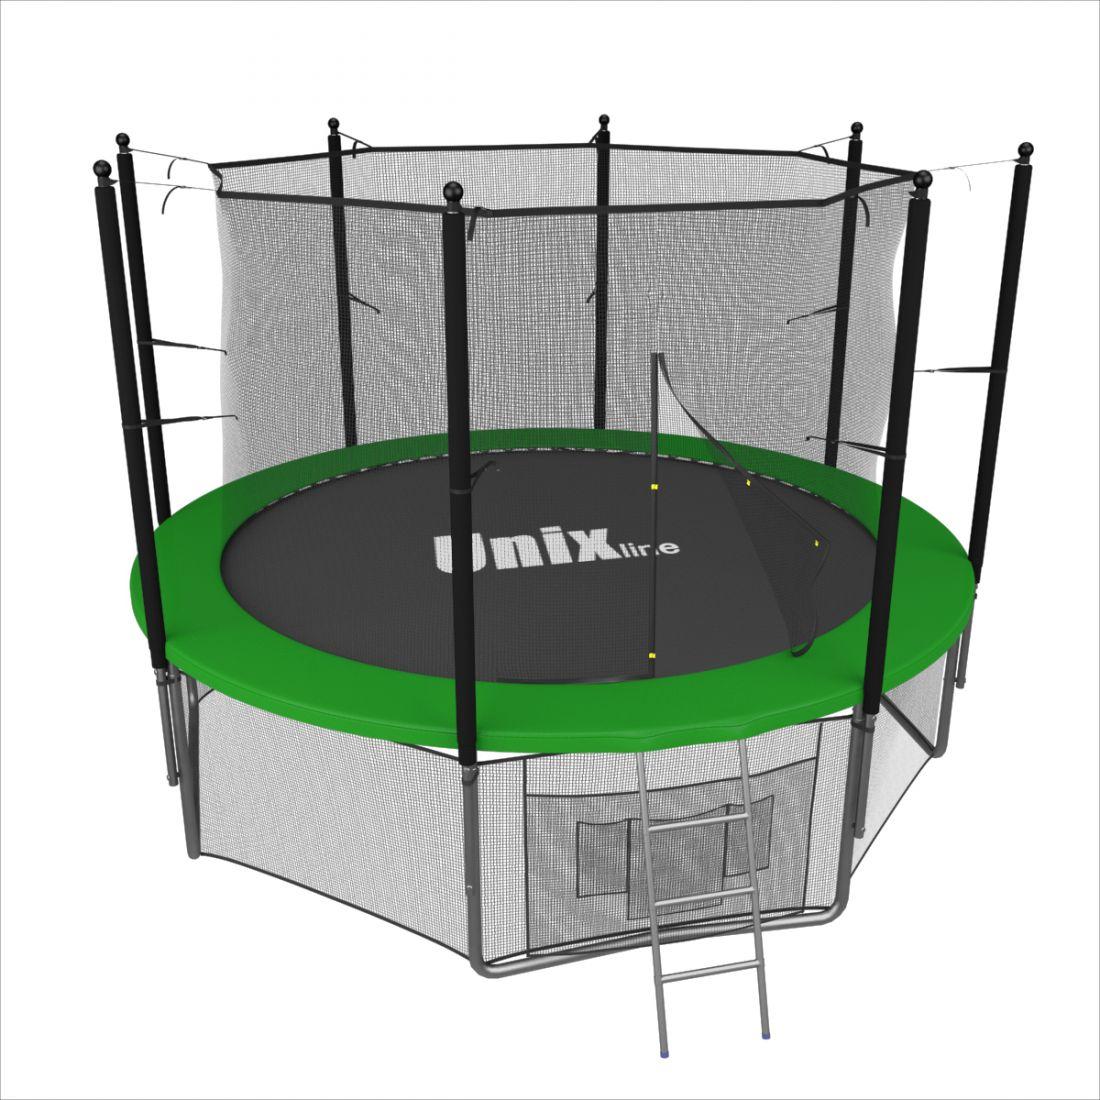 Батут с внутренней защитной сеткой - Unix Line 6FT (1,83м), цвет зеленый